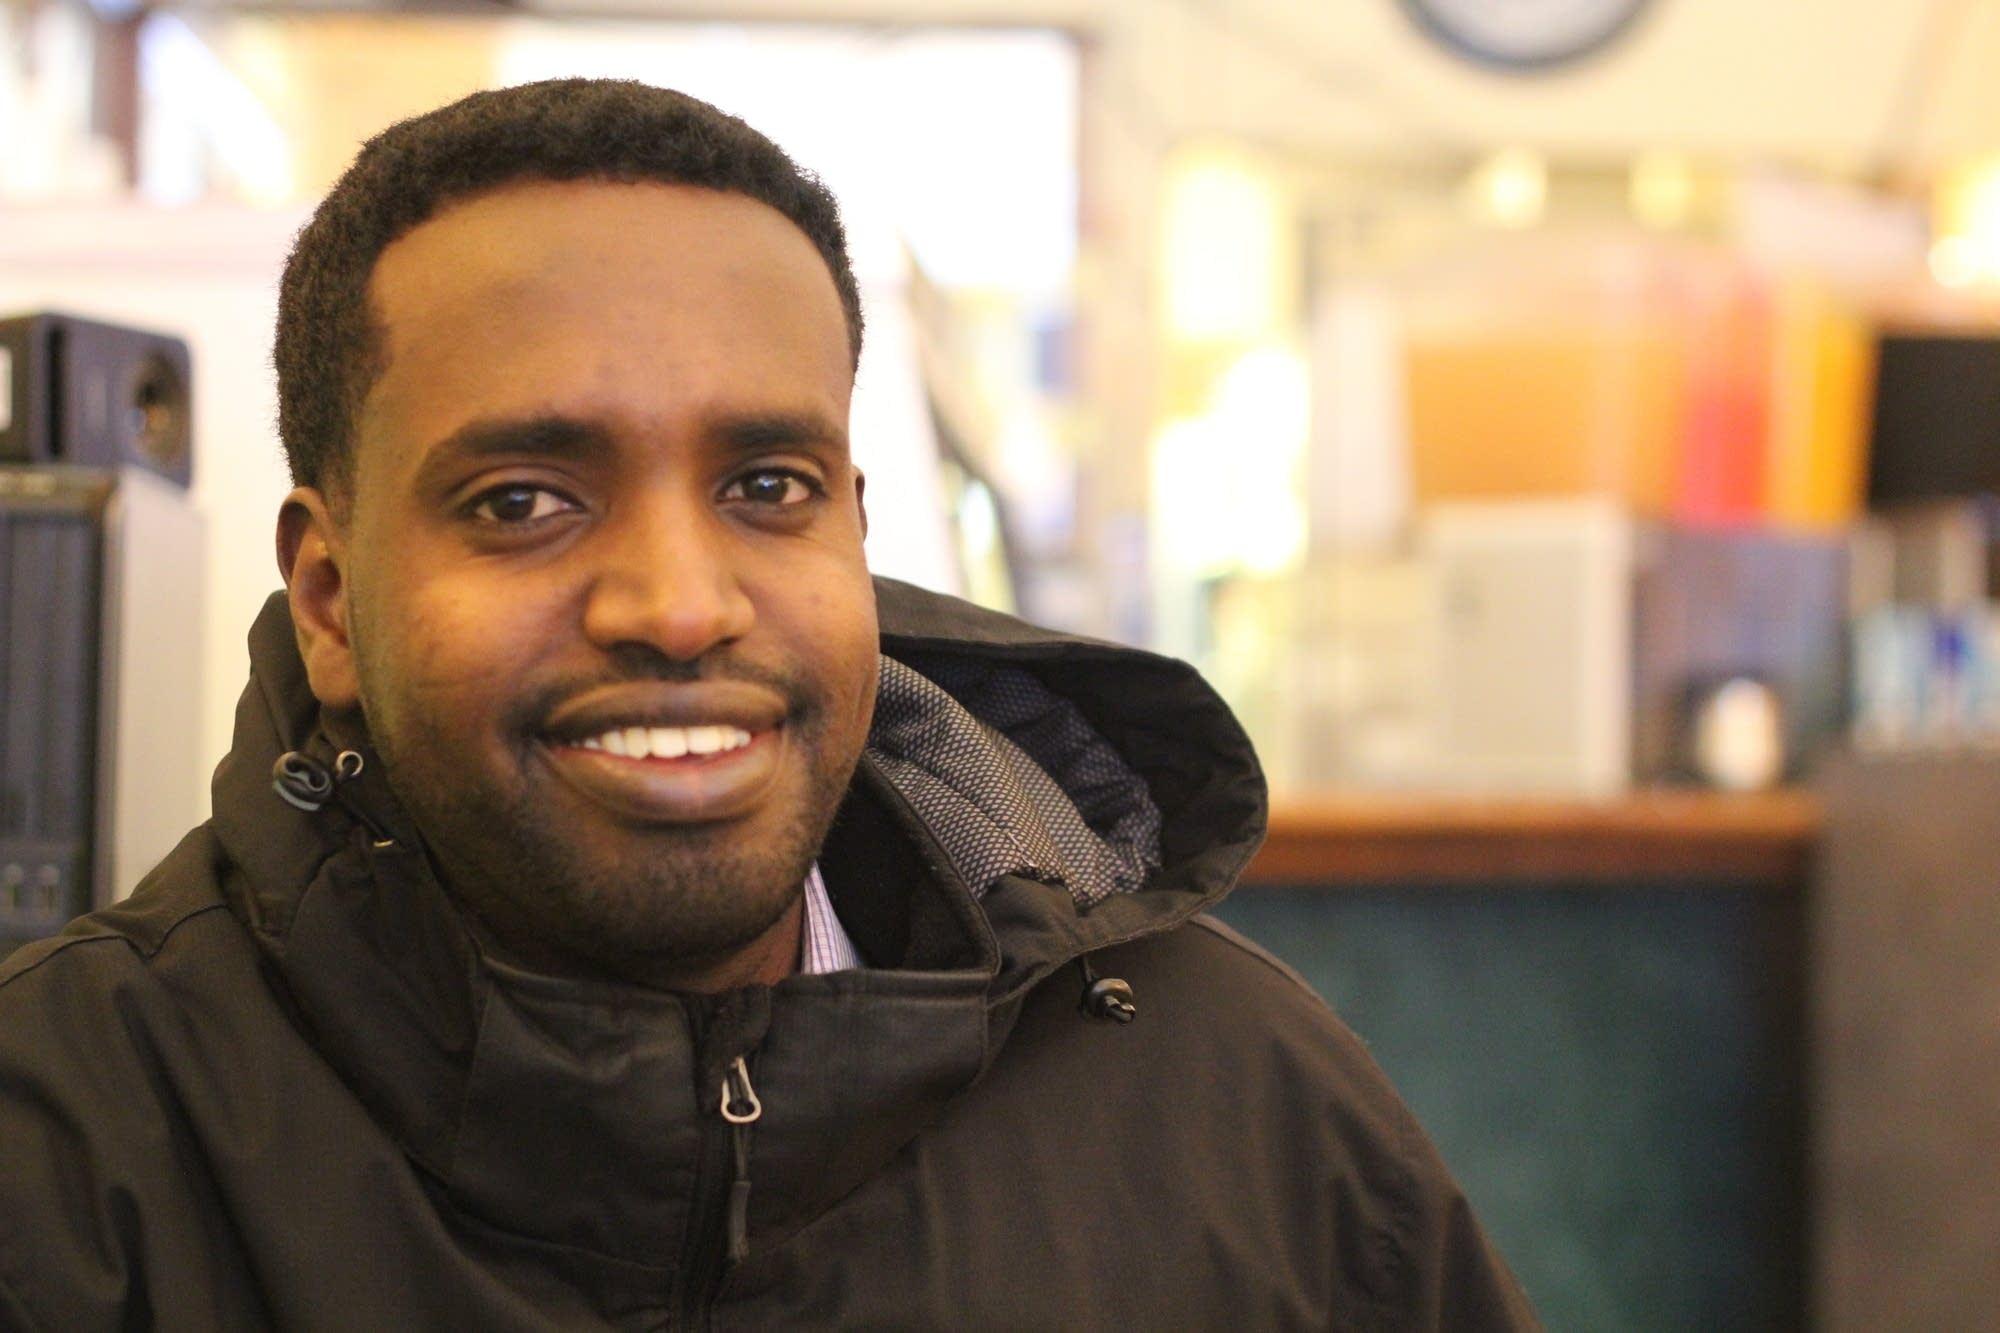 Abdi Gurhan Mohamed